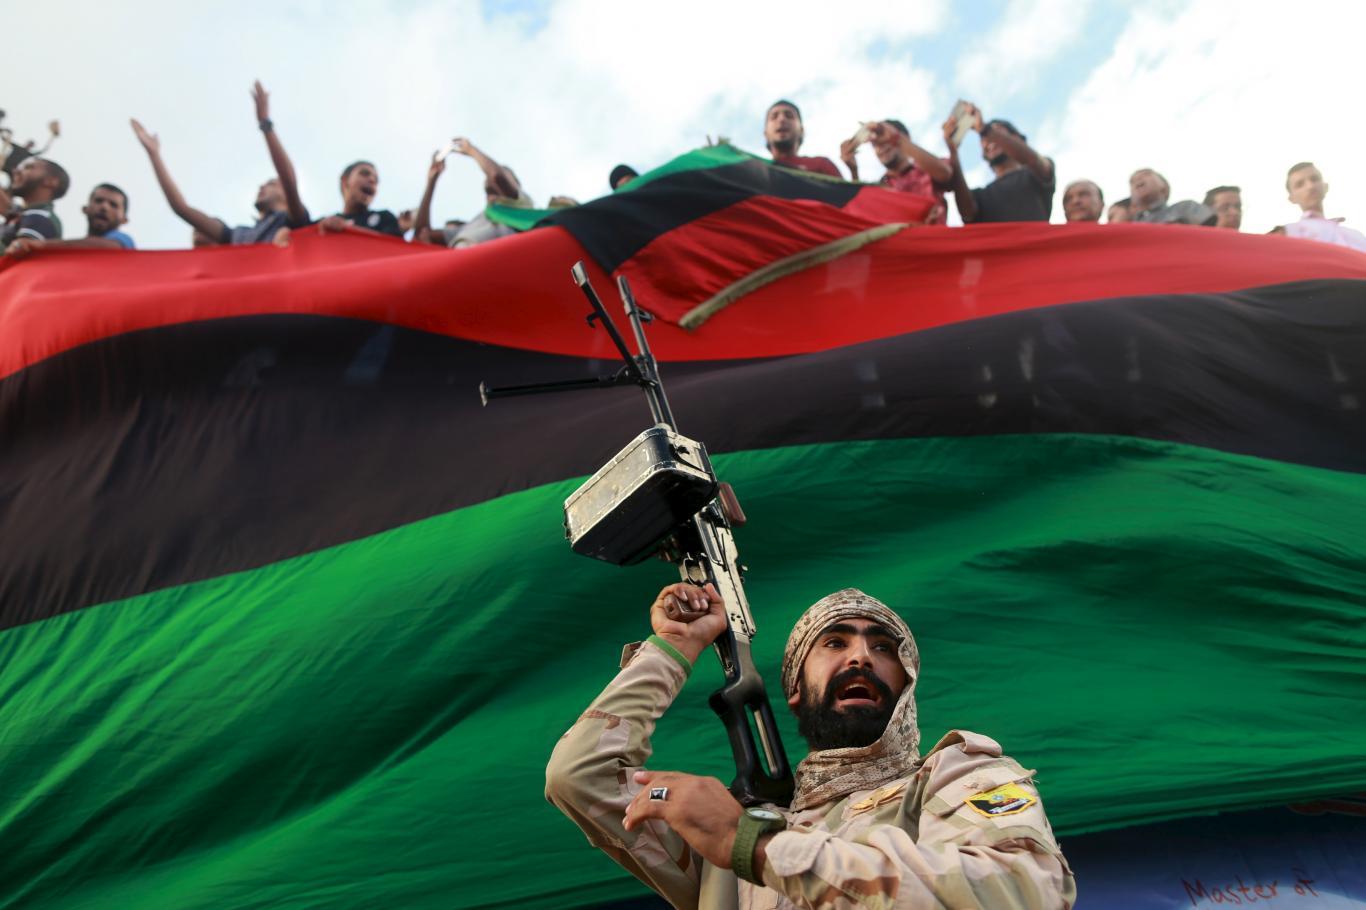 Guerra in Libia tra strade e display: la battaglia che si combatte anche (e soprattutto) su Facebook